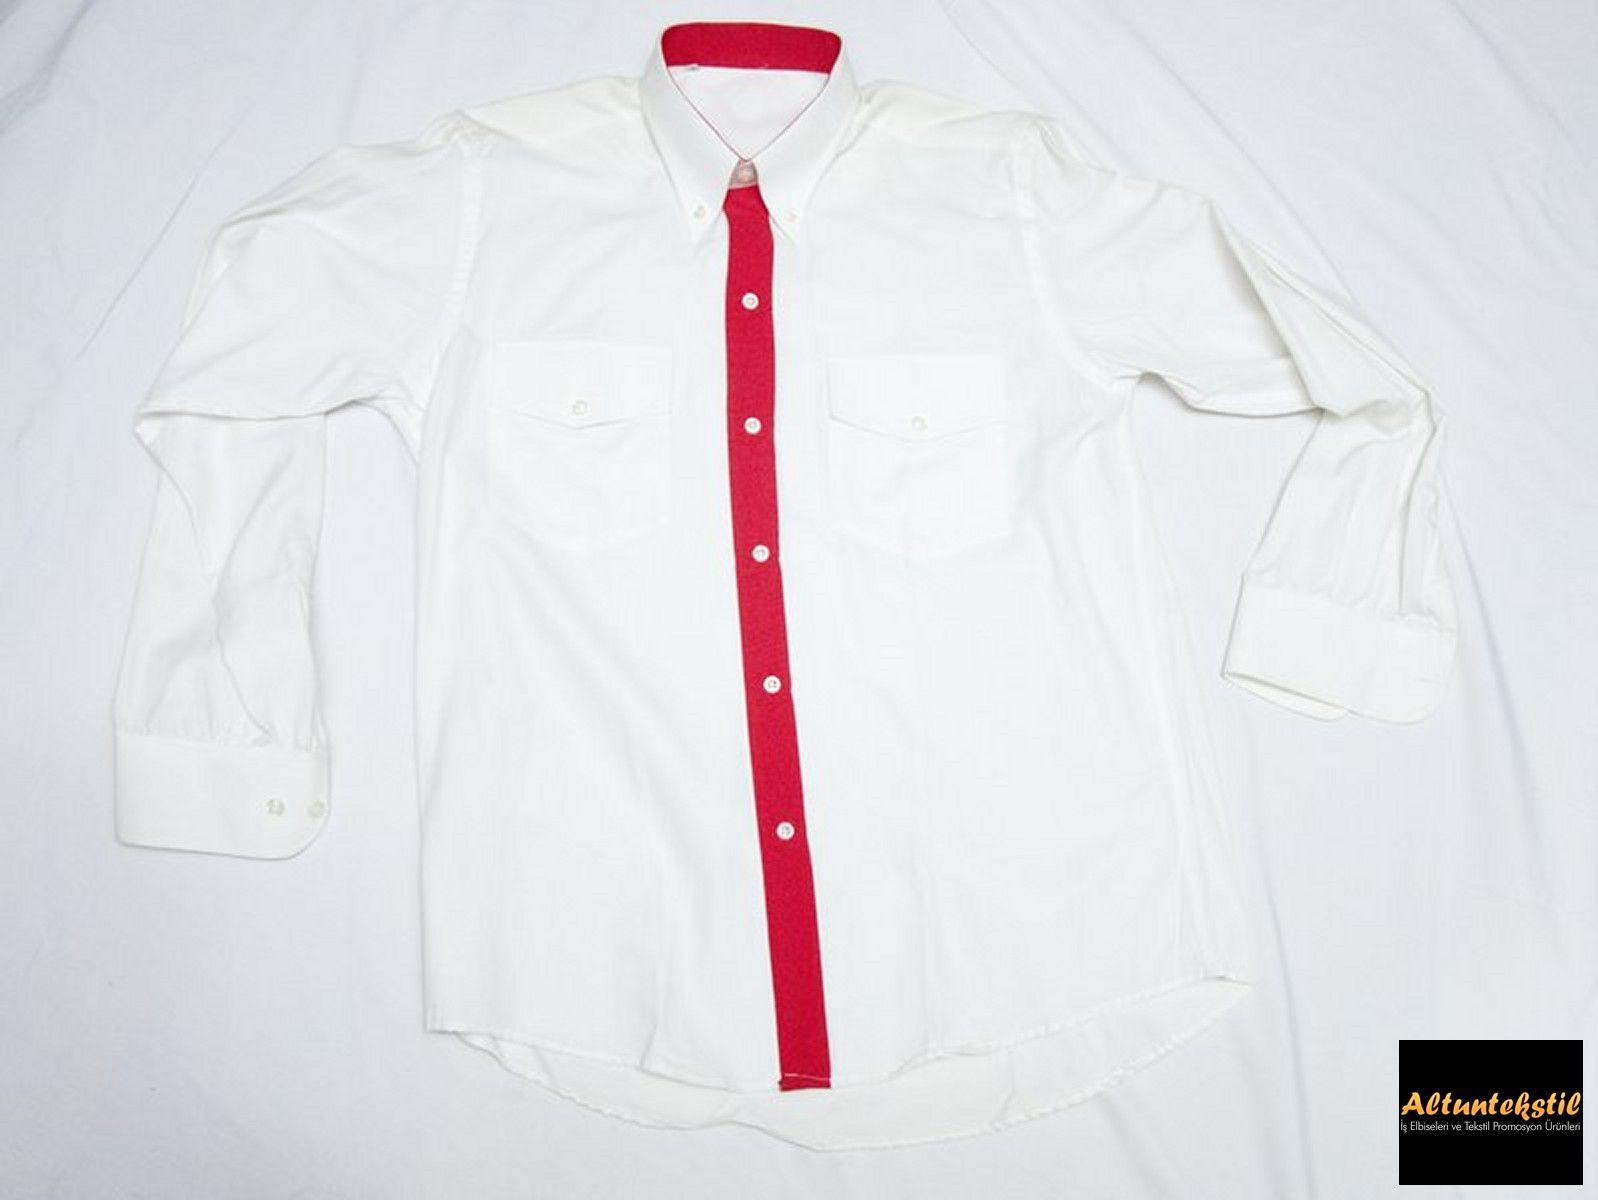 ALTUNTEKSTIL TEKSTIL Collection Outerwear 2014